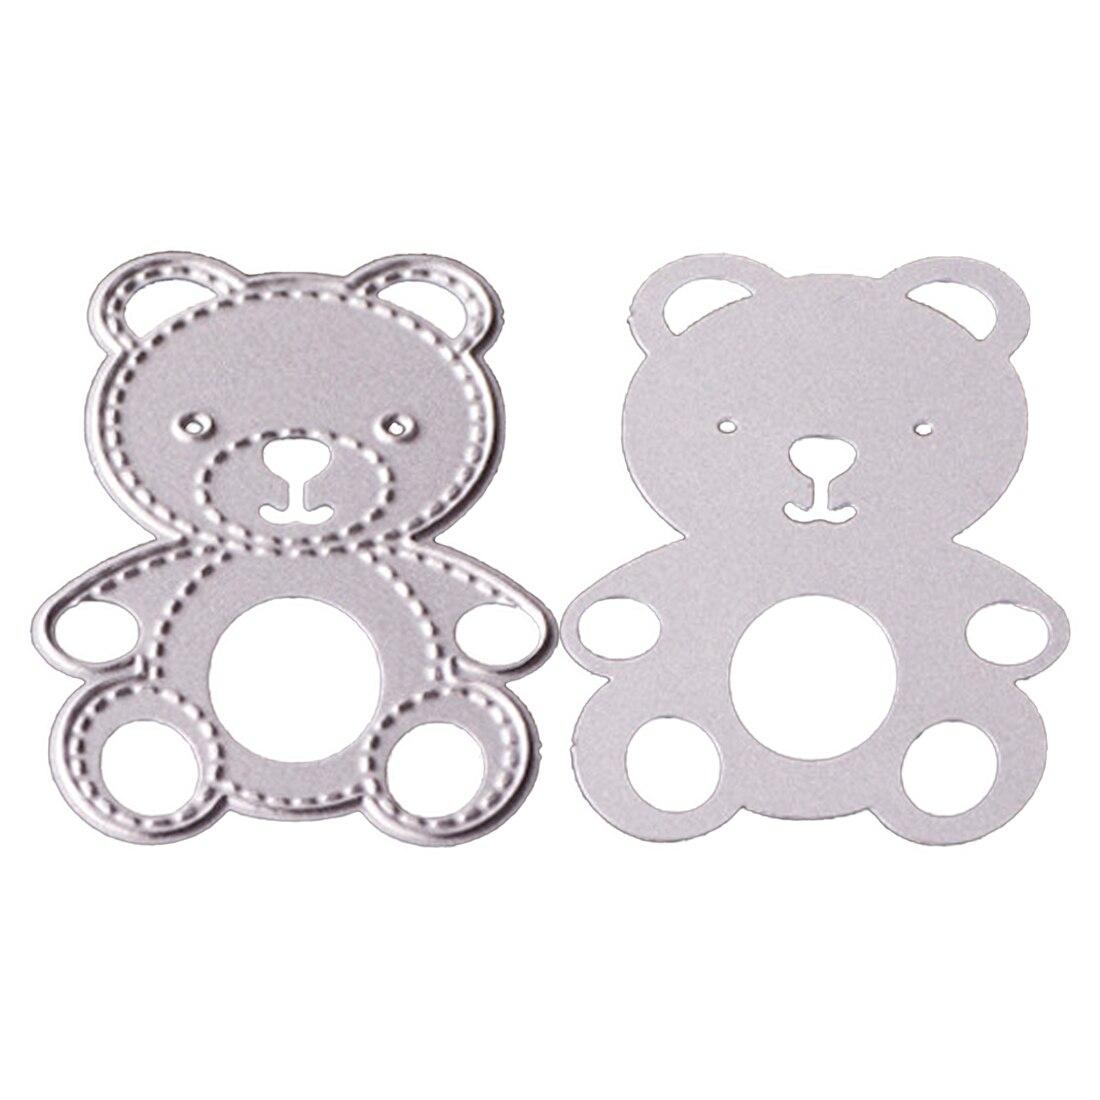 Plantillas de corte de metal para manualidades dise/ño de oso peque/ño